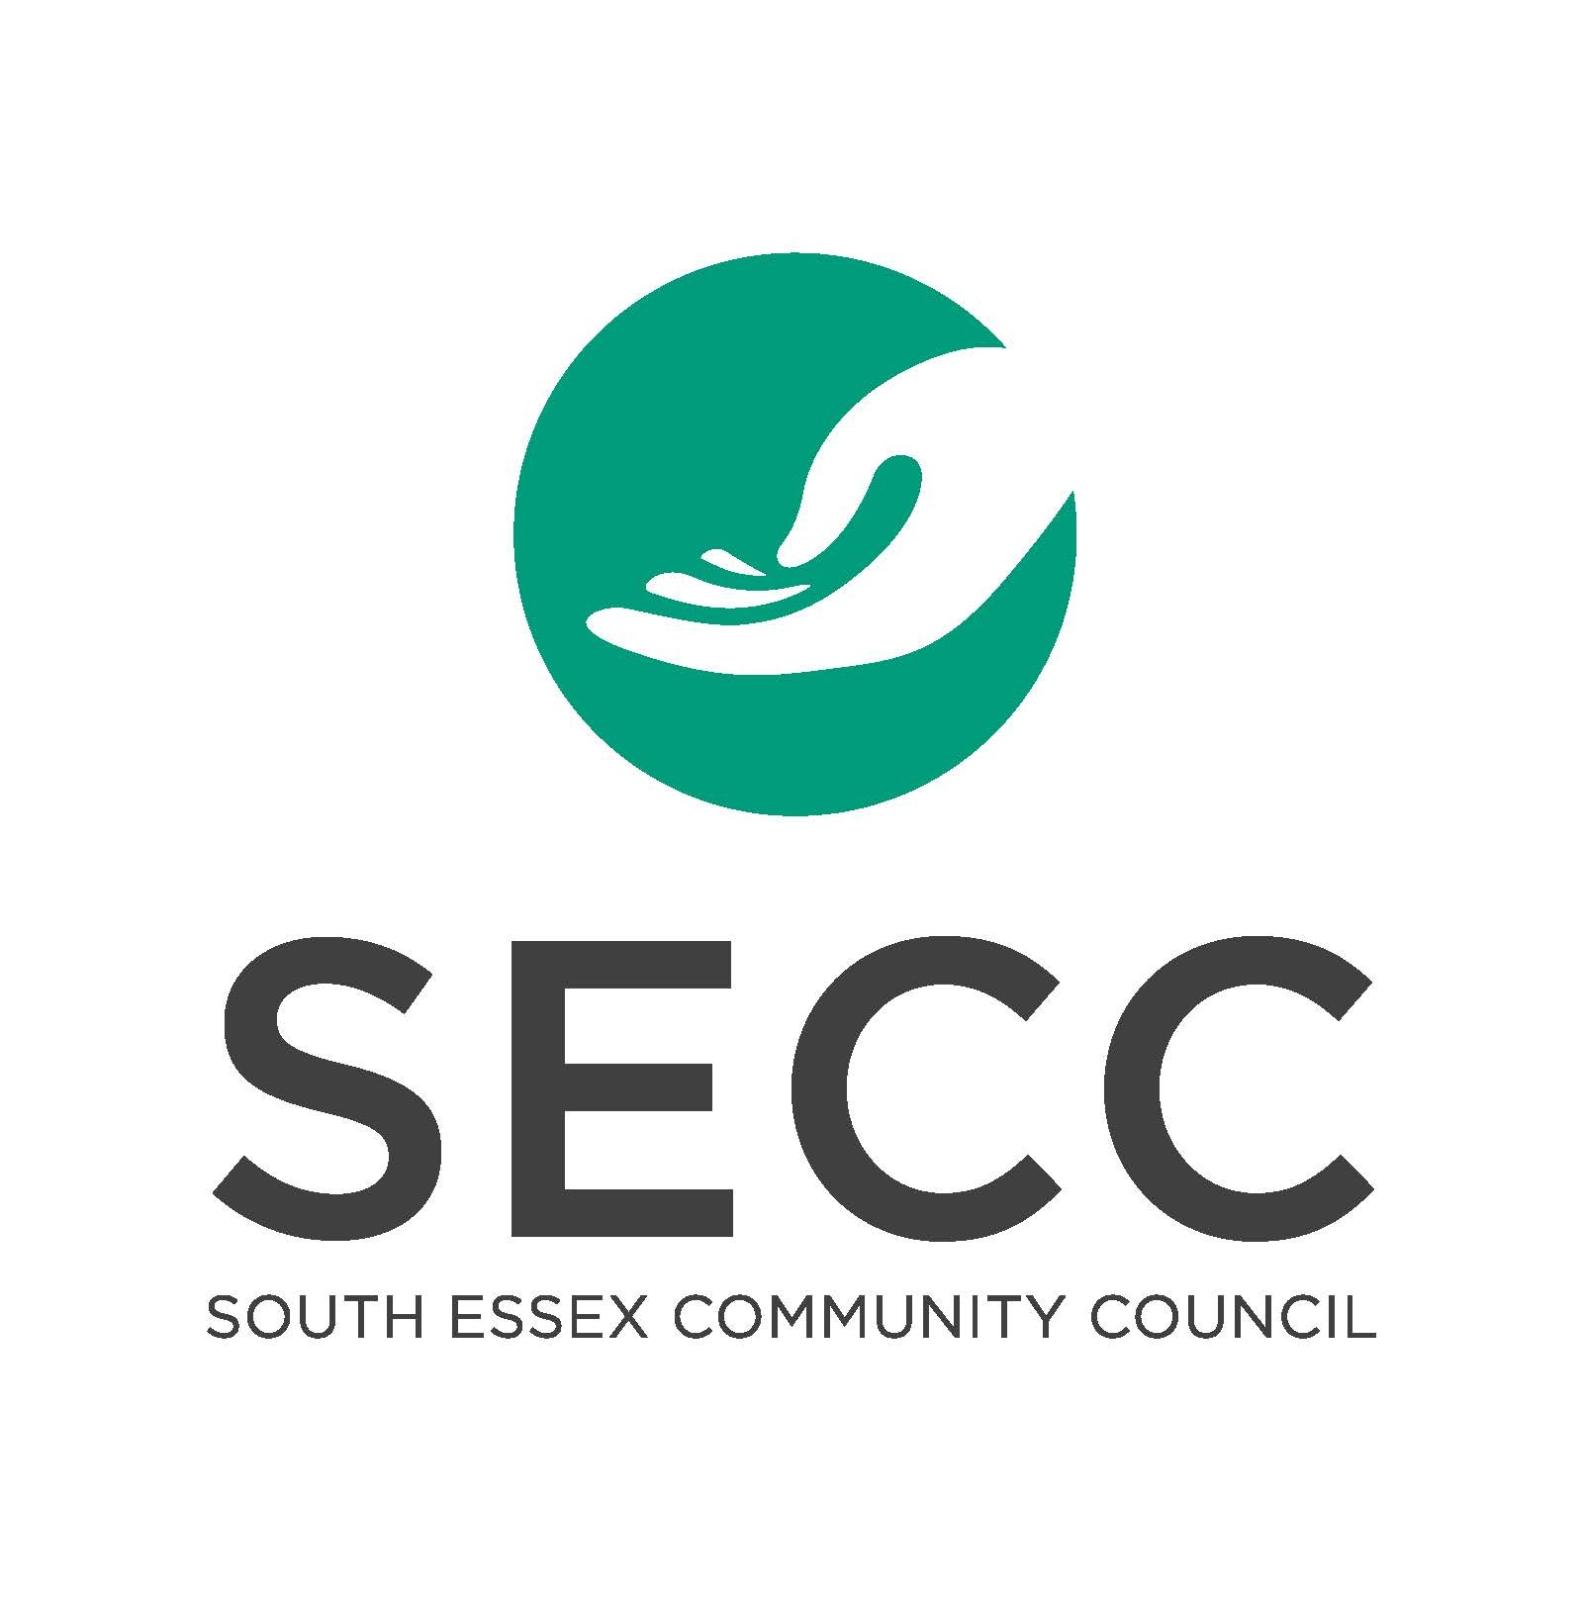 South Essex Community Council